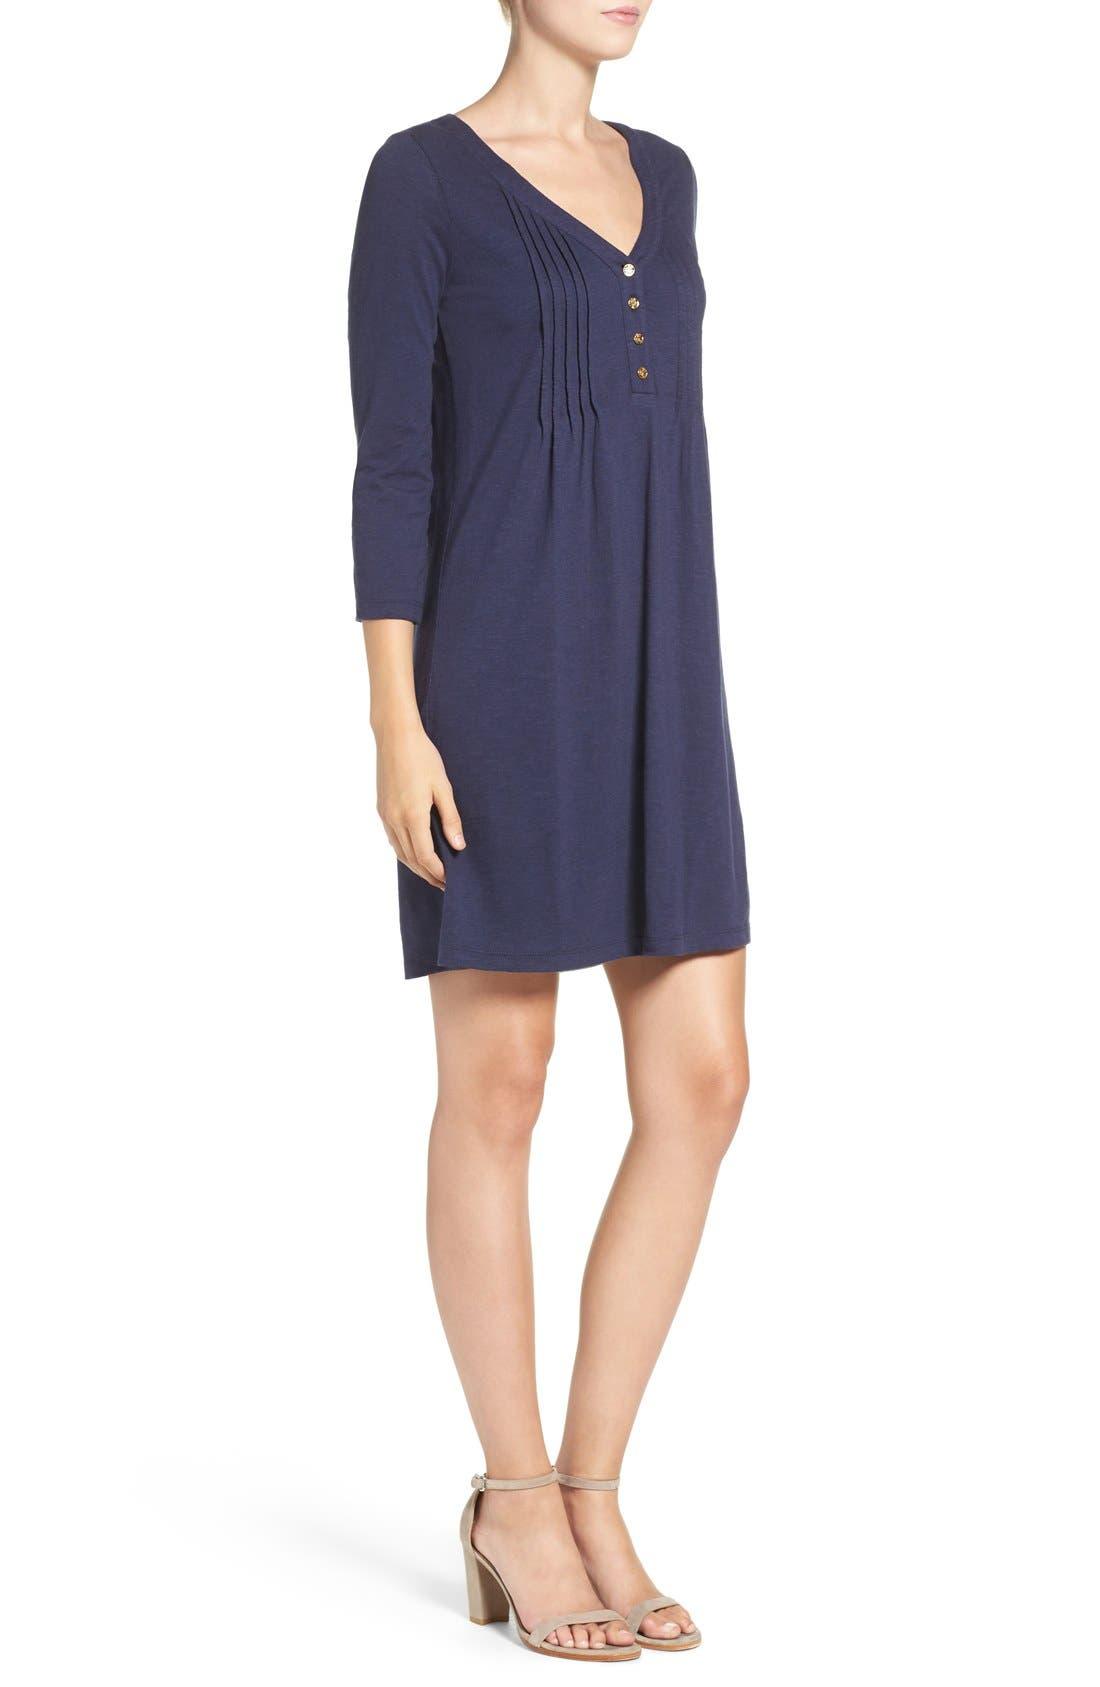 Alternate Image 3  - Lilly Pulitzer® 'Amberly' Jersey T-Shirt Dress